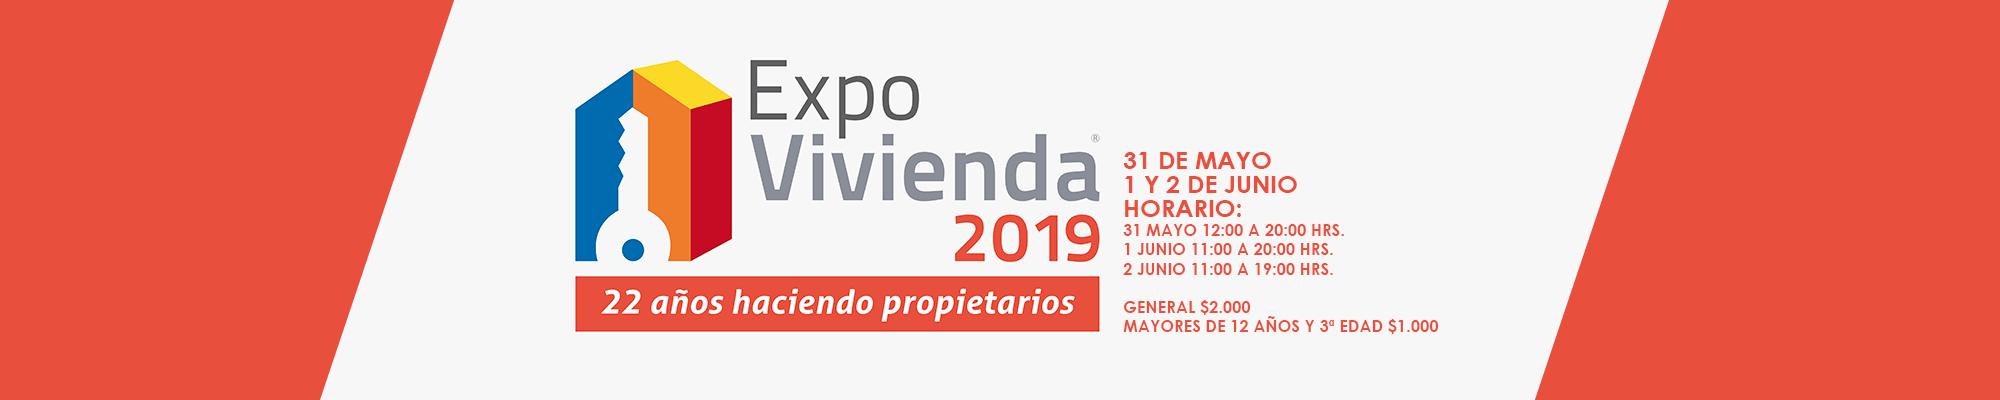 ExpoVivienda  2019